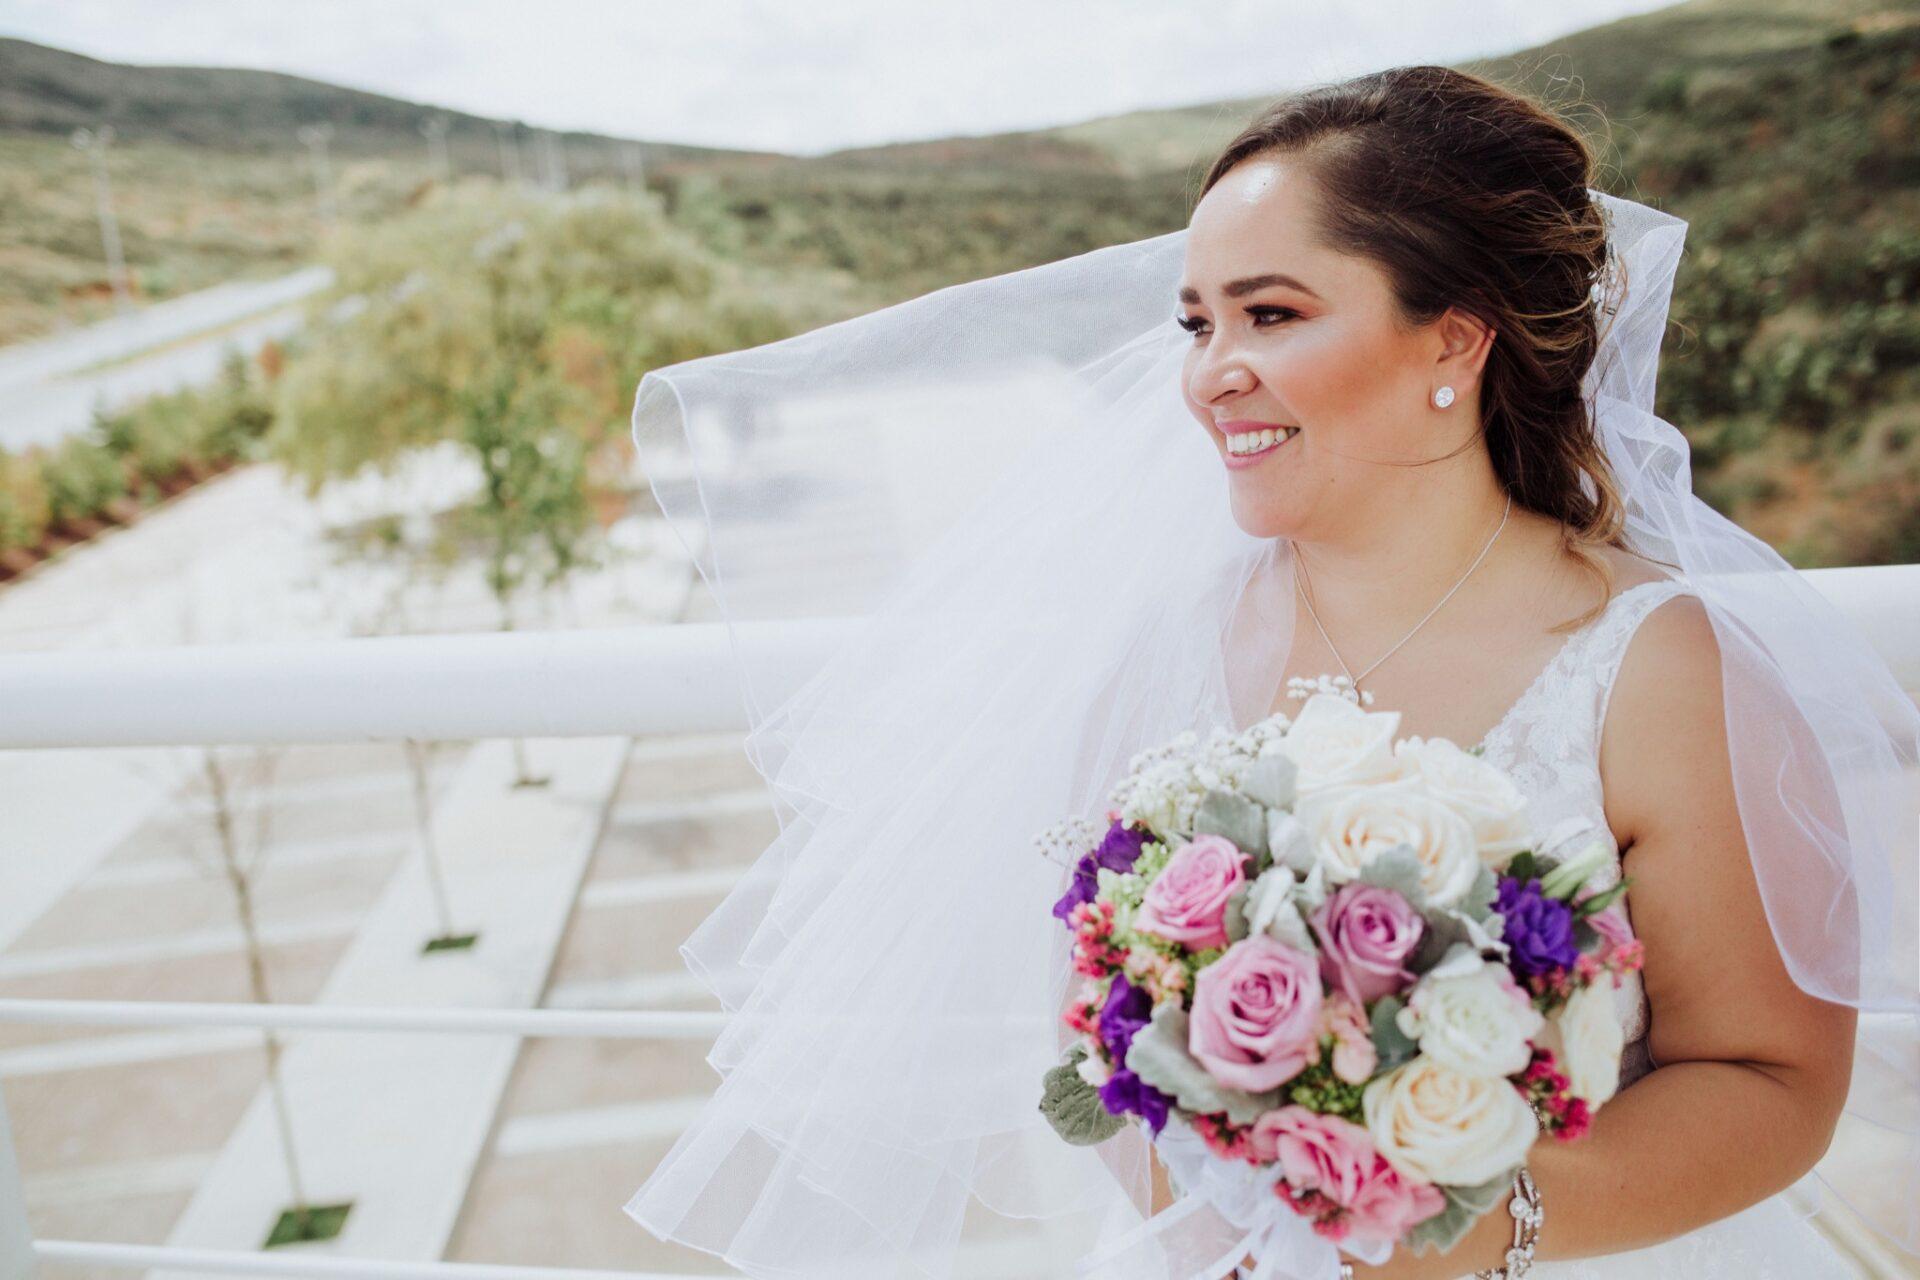 javier_noriega_fotografo_bodas_los_gaviones_zacatecas_wedding_photographer15